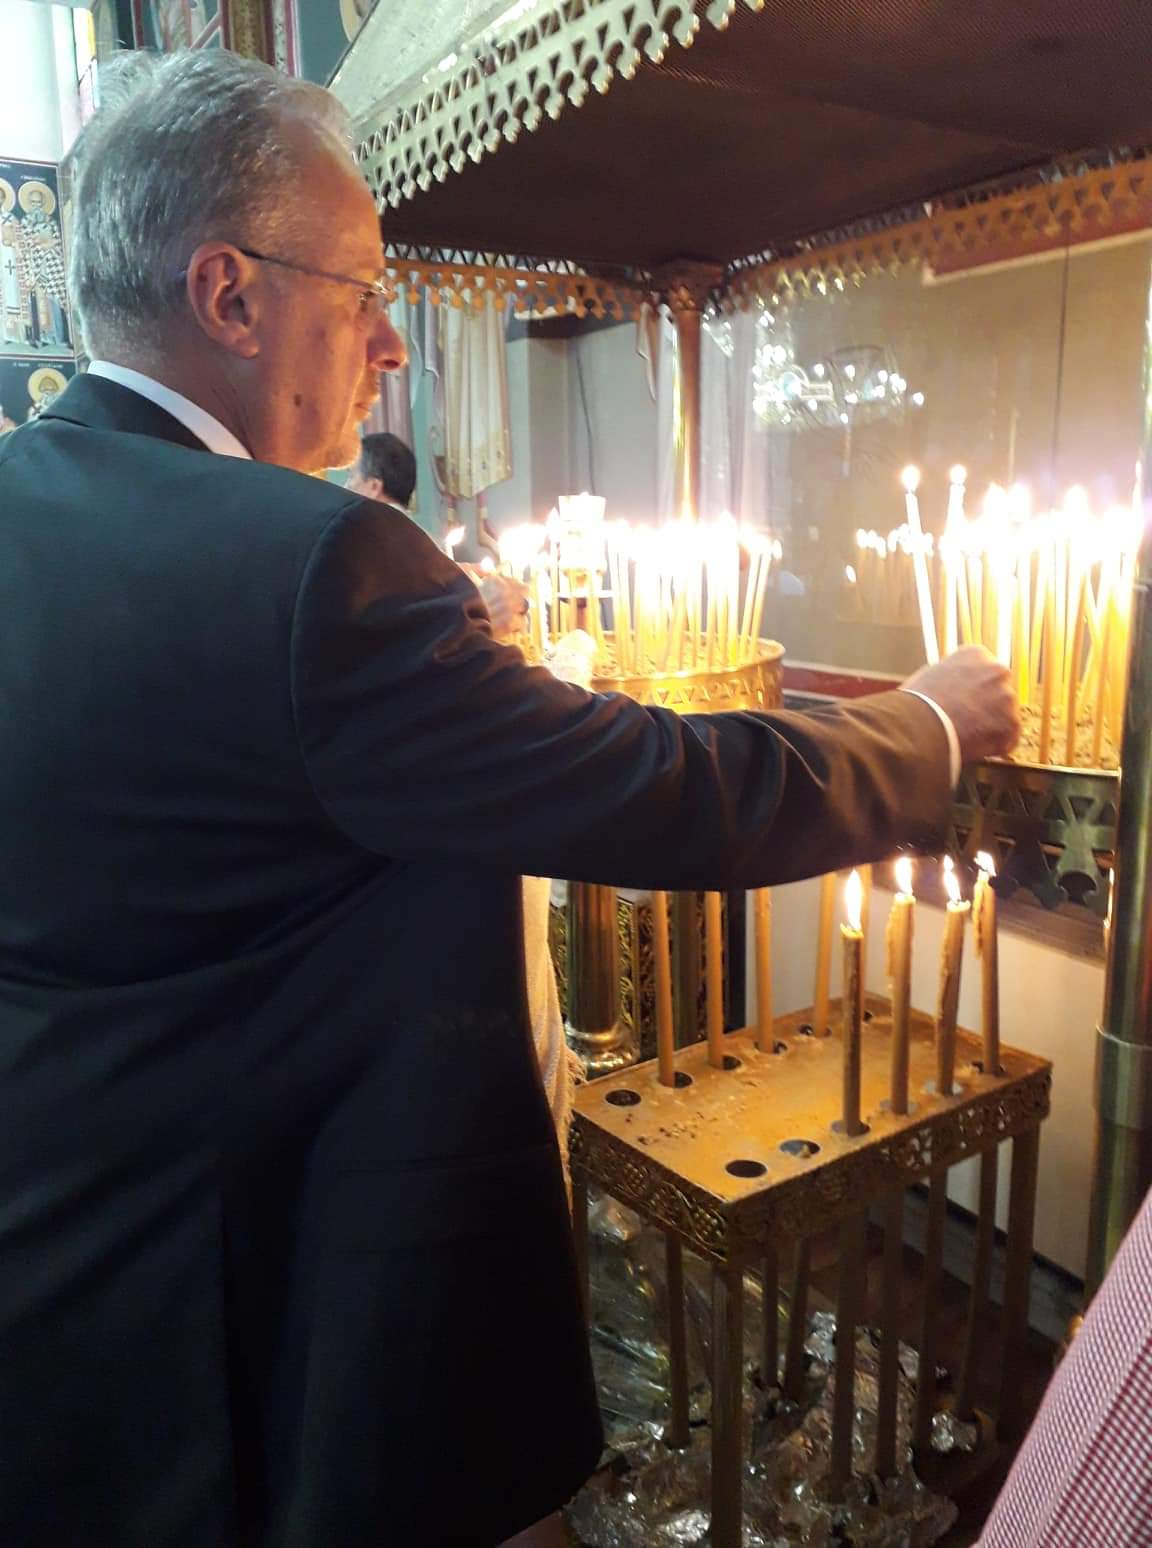 βουλευτηςΕύβοιαςτης ΝΔ Θανάσης Ζεμπίλης προσήλθε στον πανηγυρίζοντα ΙερόΝαότης Αγίας Μαρίνας, Στην ορκωμοσία με την ευλογία της Αγίας Μαρίνας ο Θανάσης Ζεμπίλης., Eviathema.gr | ΕΥΒΟΙΑ ΝΕΑ - Νέα και ειδήσεις από όλη την Εύβοια